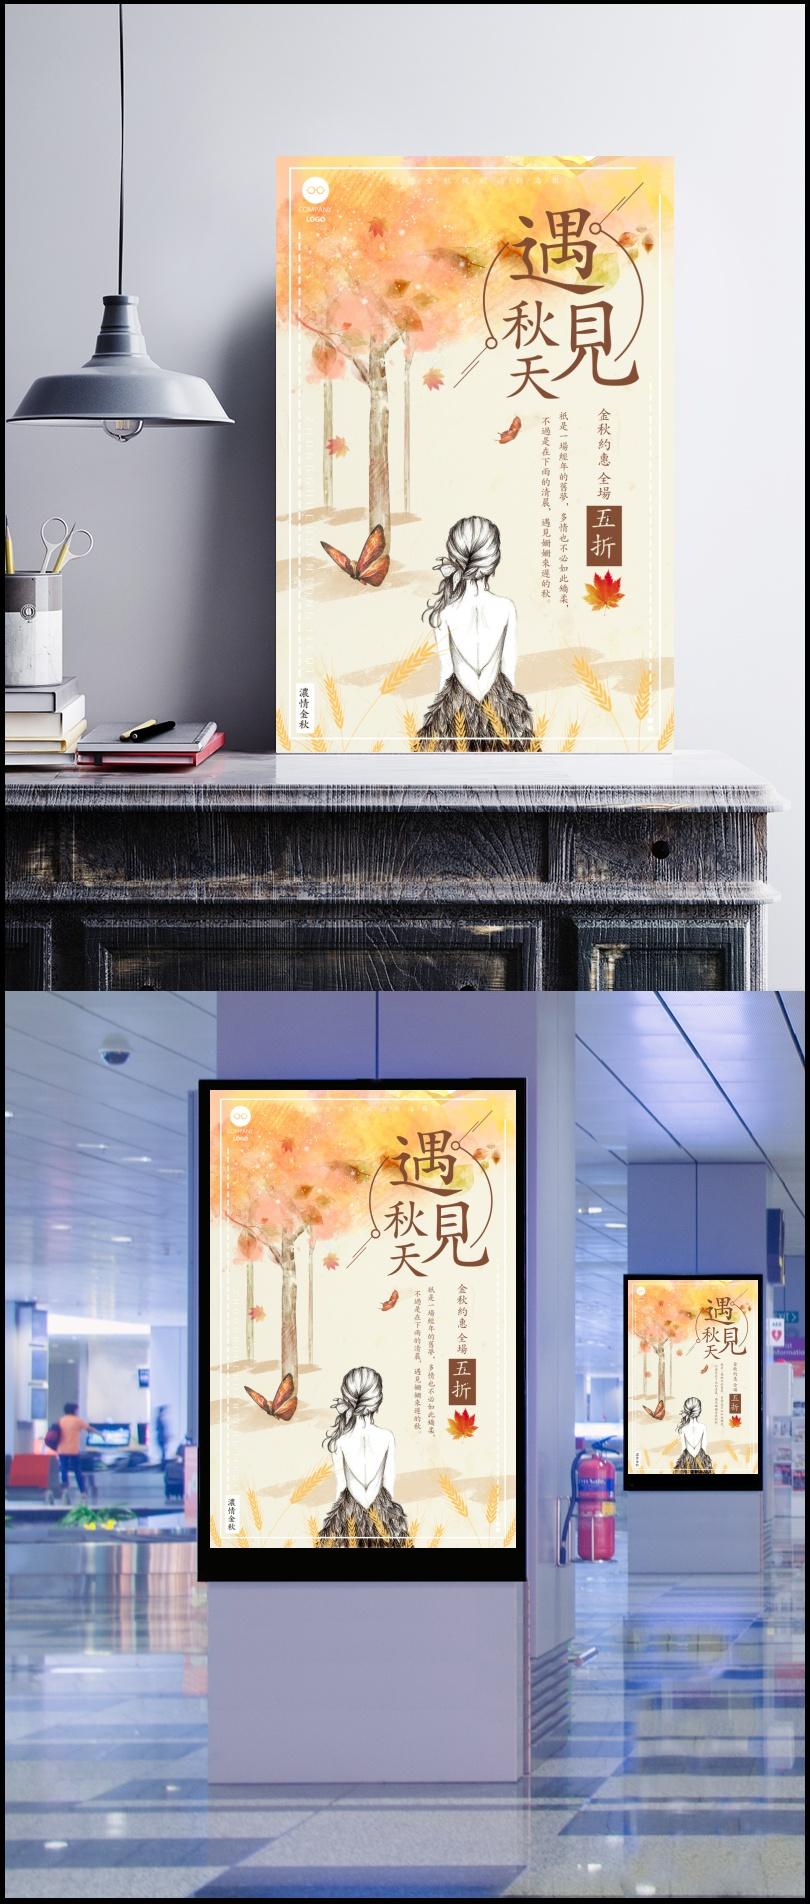 遇見秋天金秋約惠廣告海報圖片